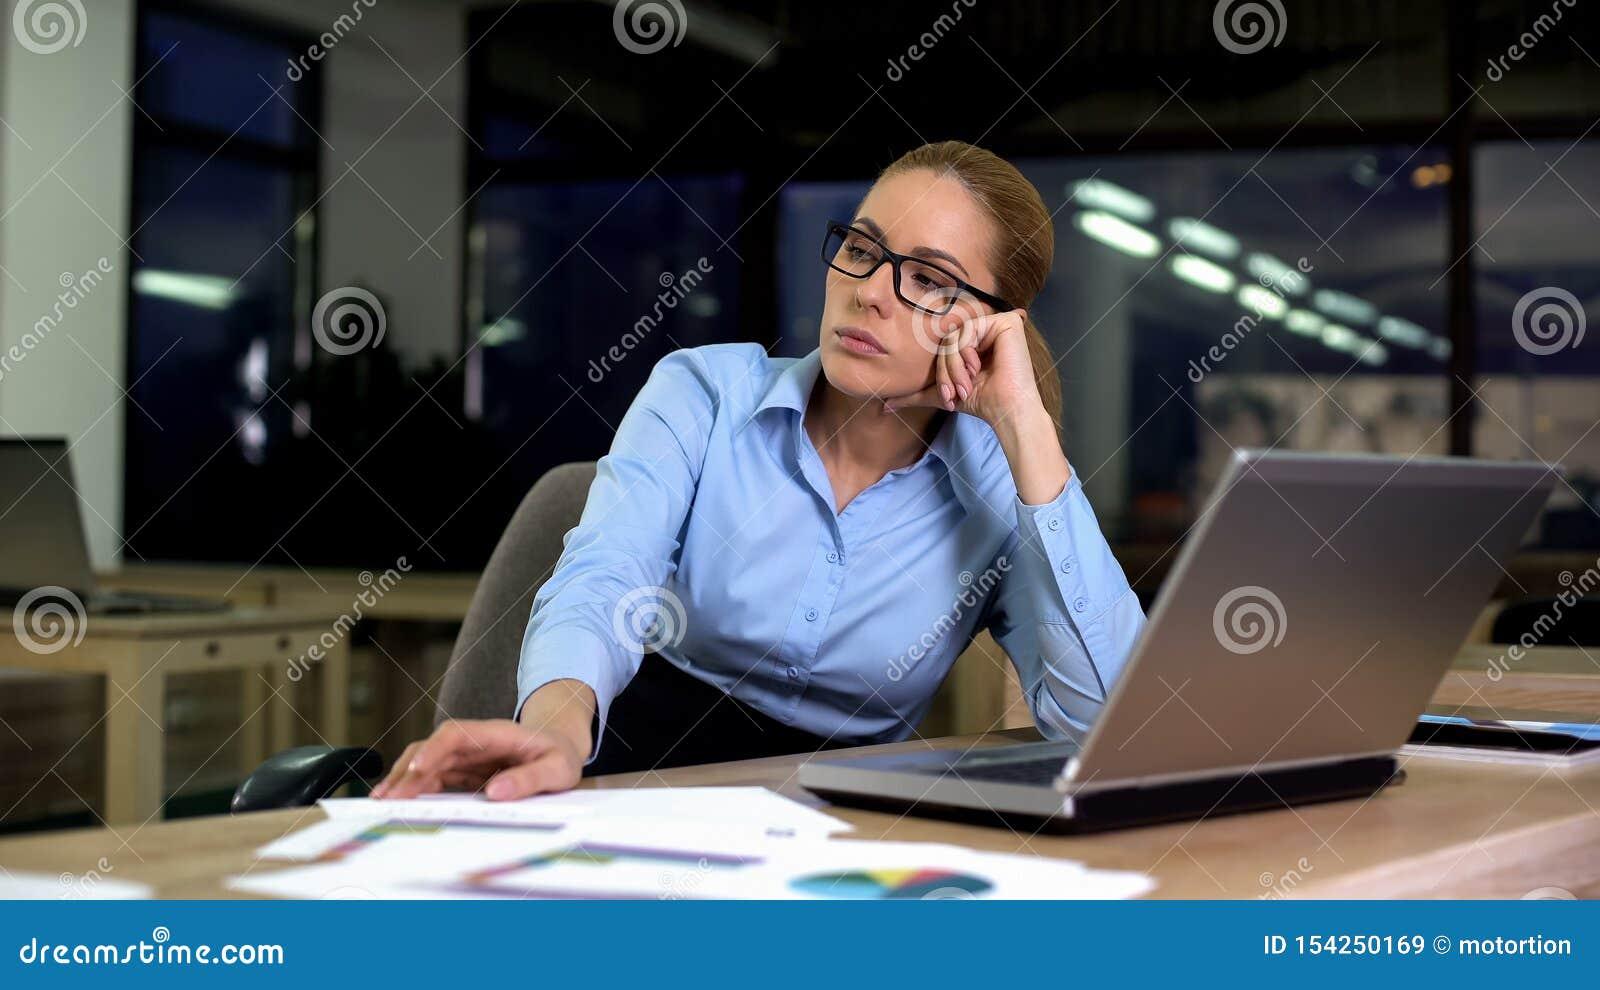 Η συνεδρίαση γυναικών ανέτρεψε την απέχθεια της εργασίας απασχομένος στη βραδινή βάρδια στην αρχή, υπερωρίες